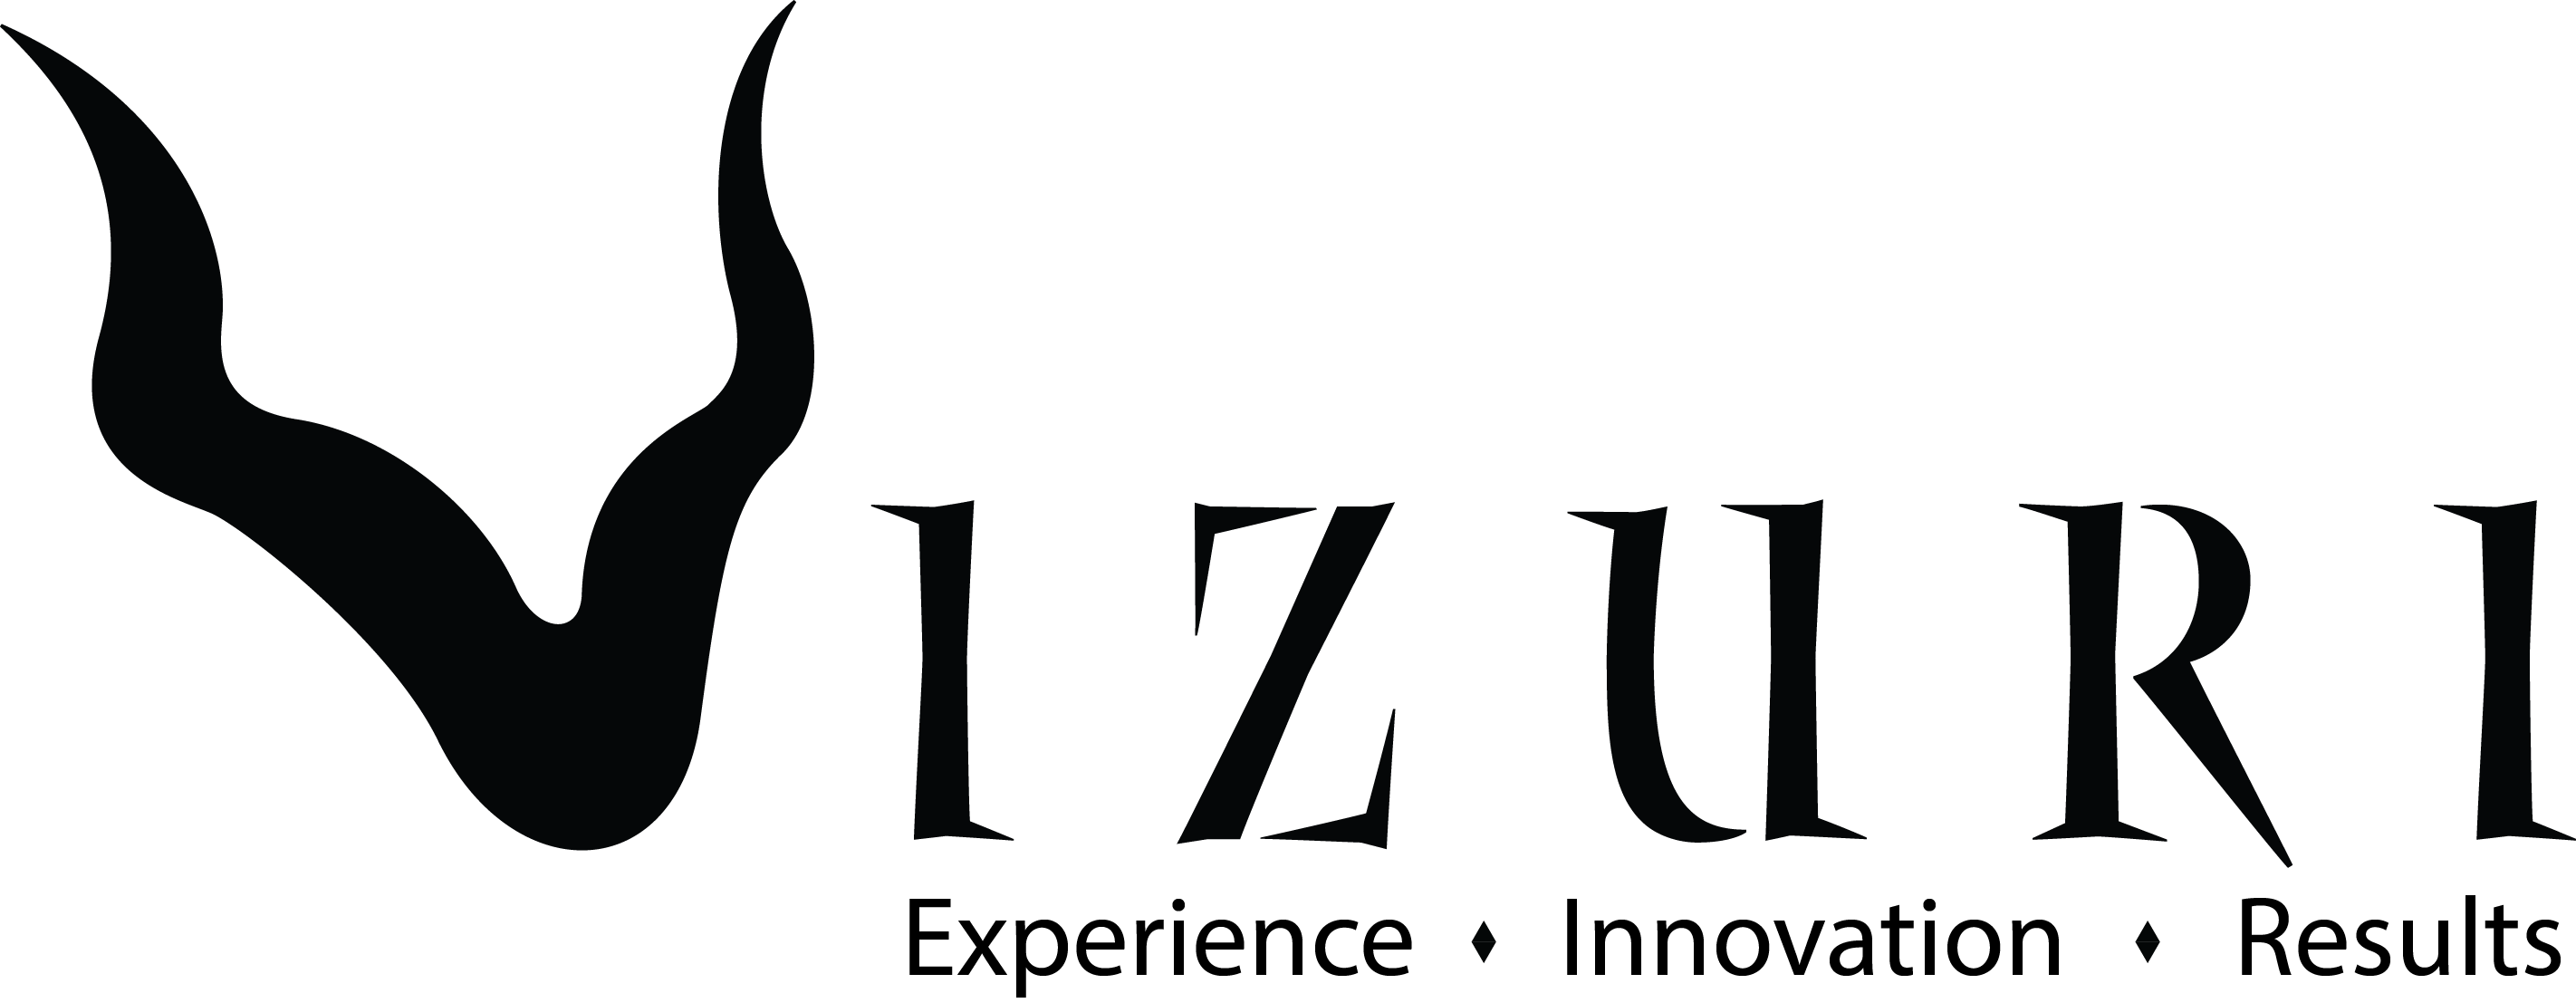 logo: Vizuri